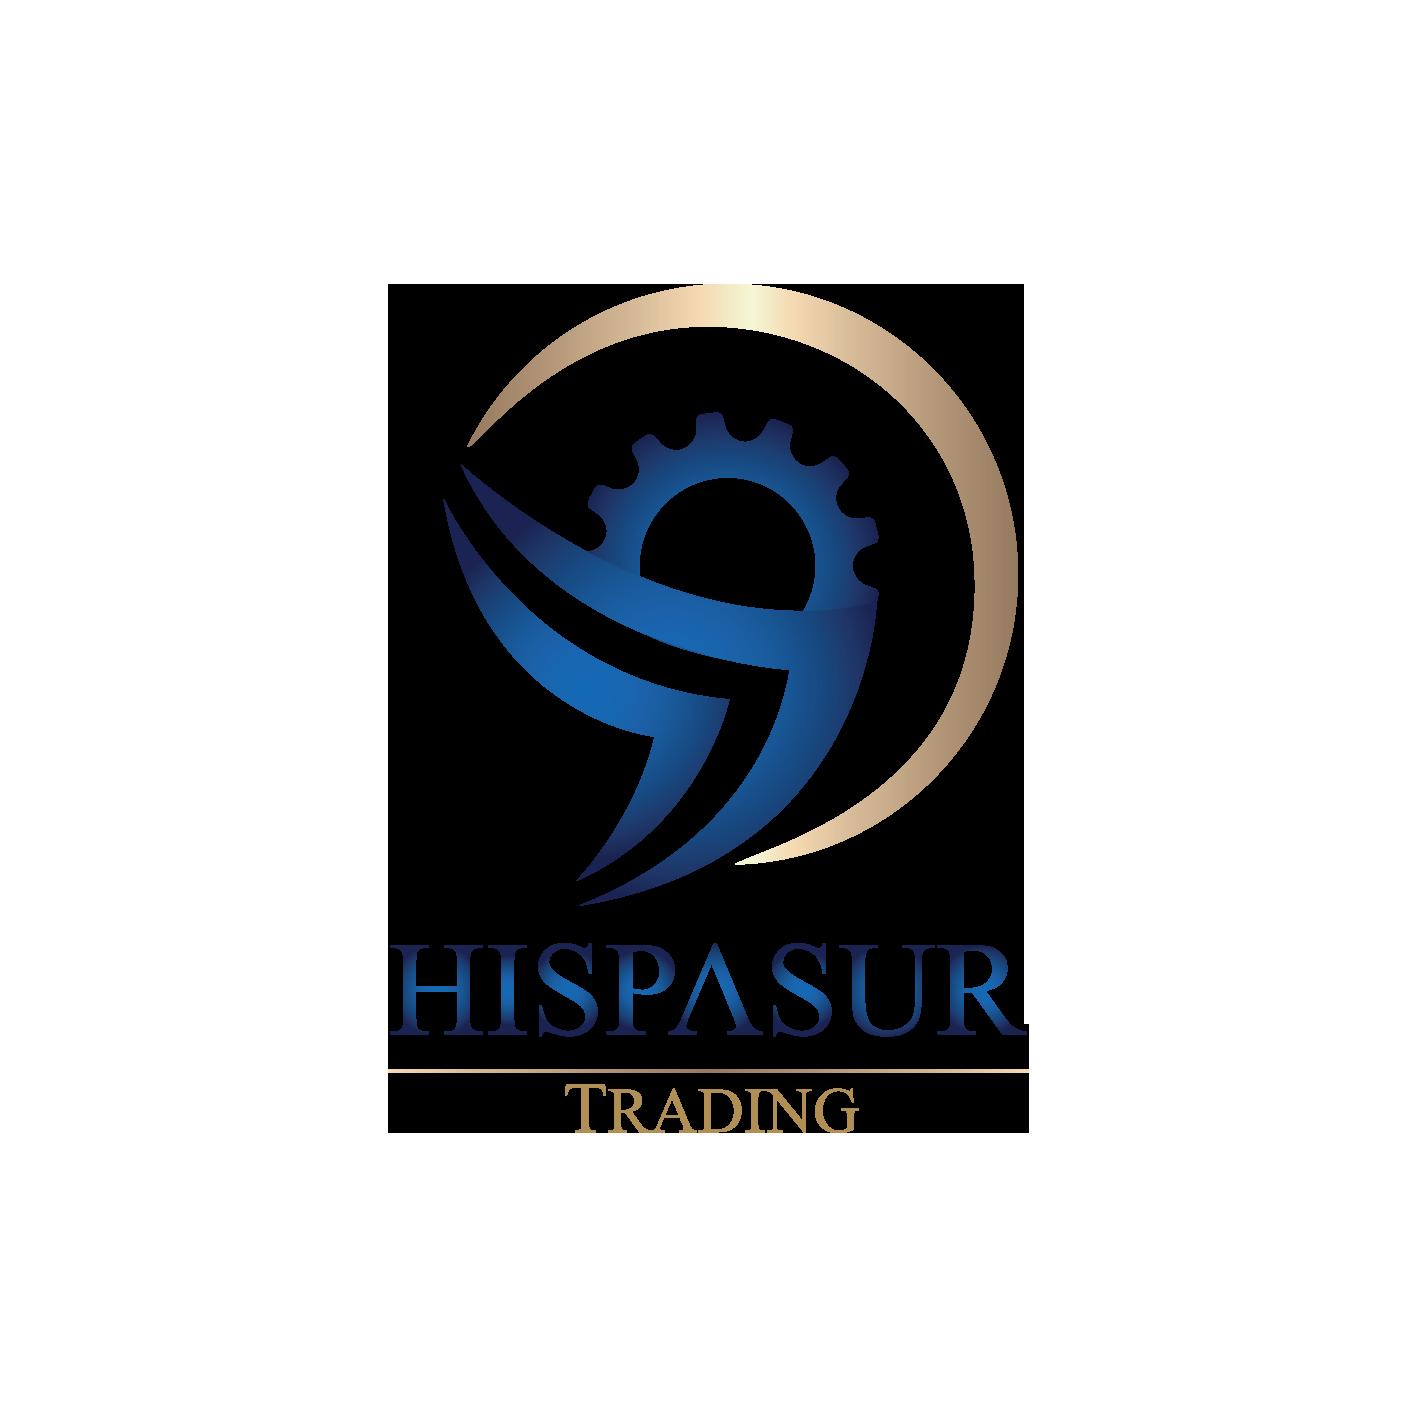 Hispasur Trading PNG